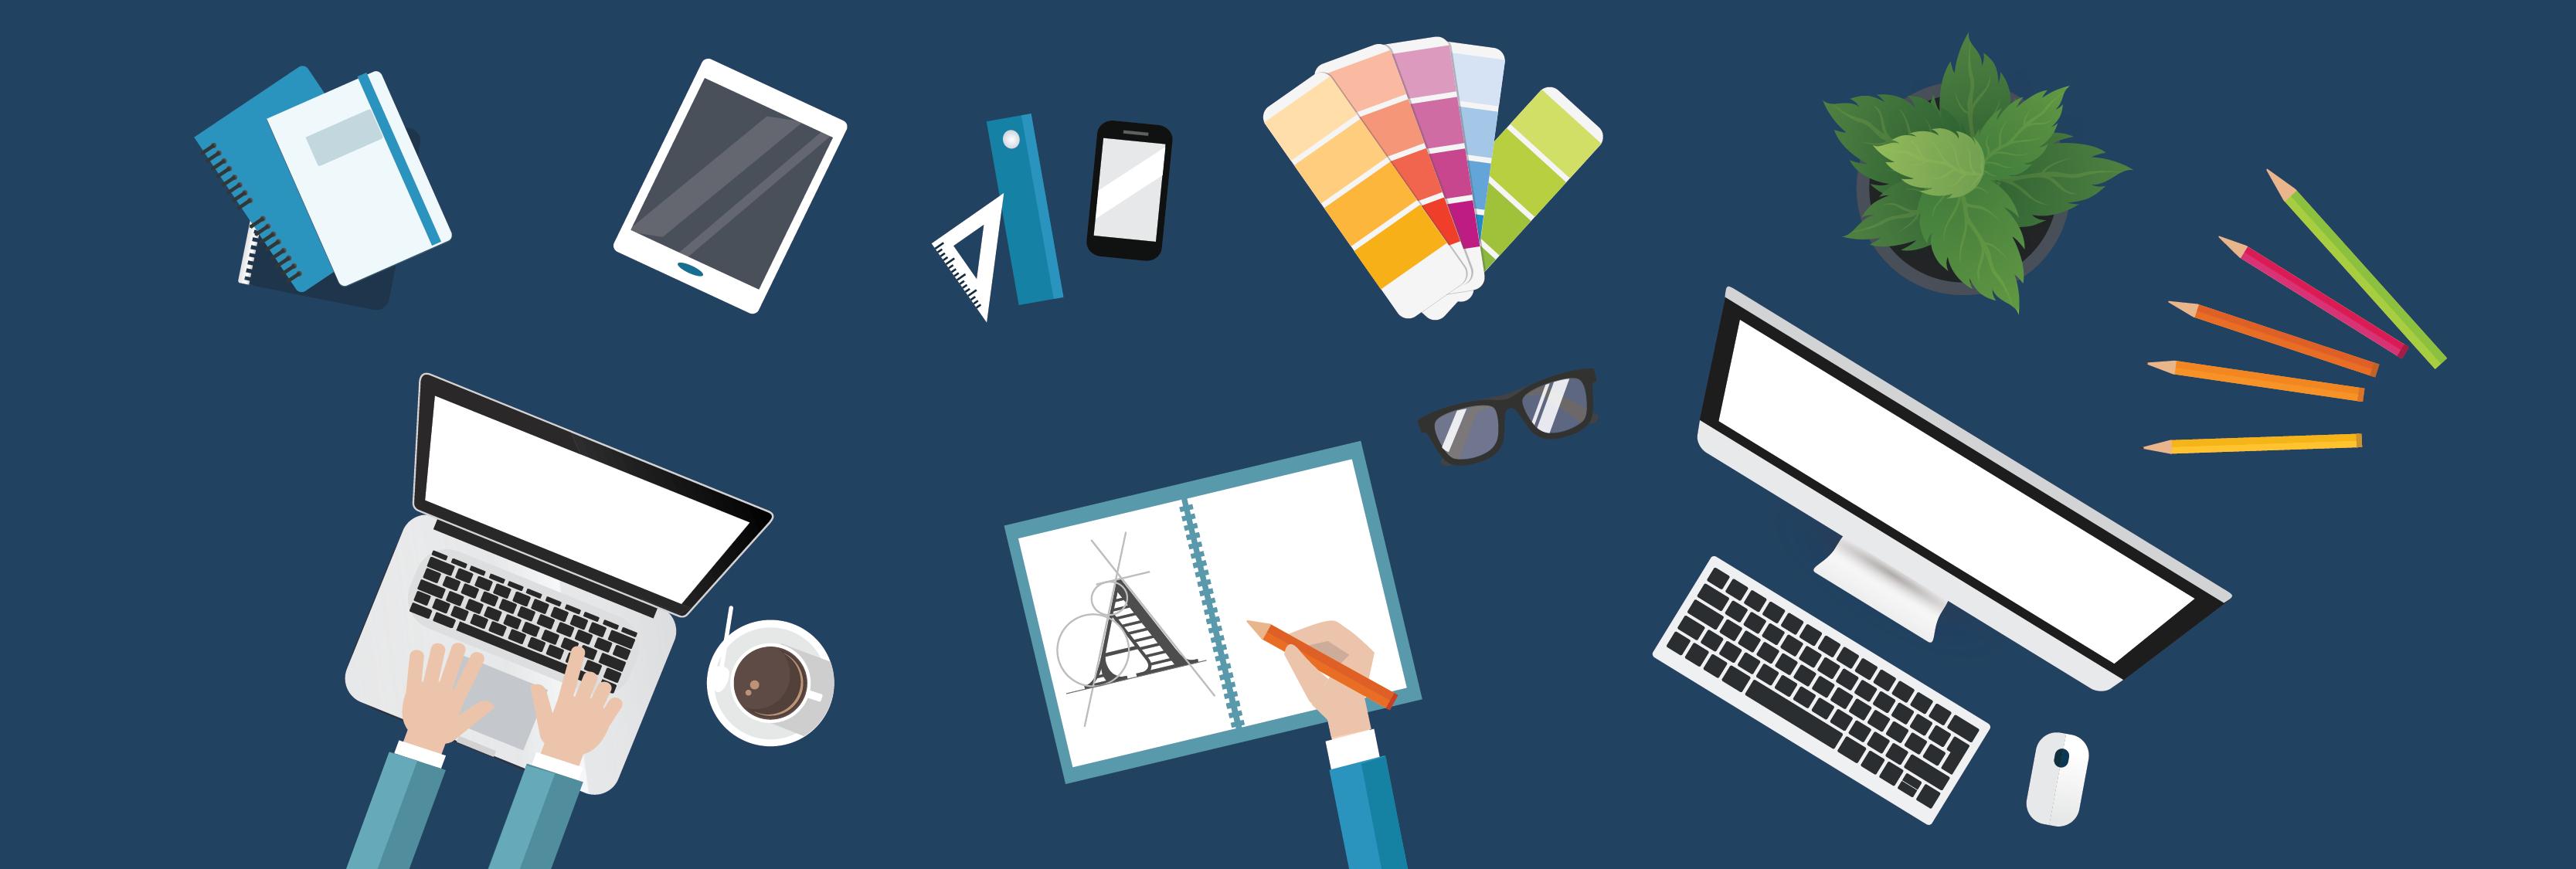 Outil Marketing : Canva – Créer des contenus graphiques